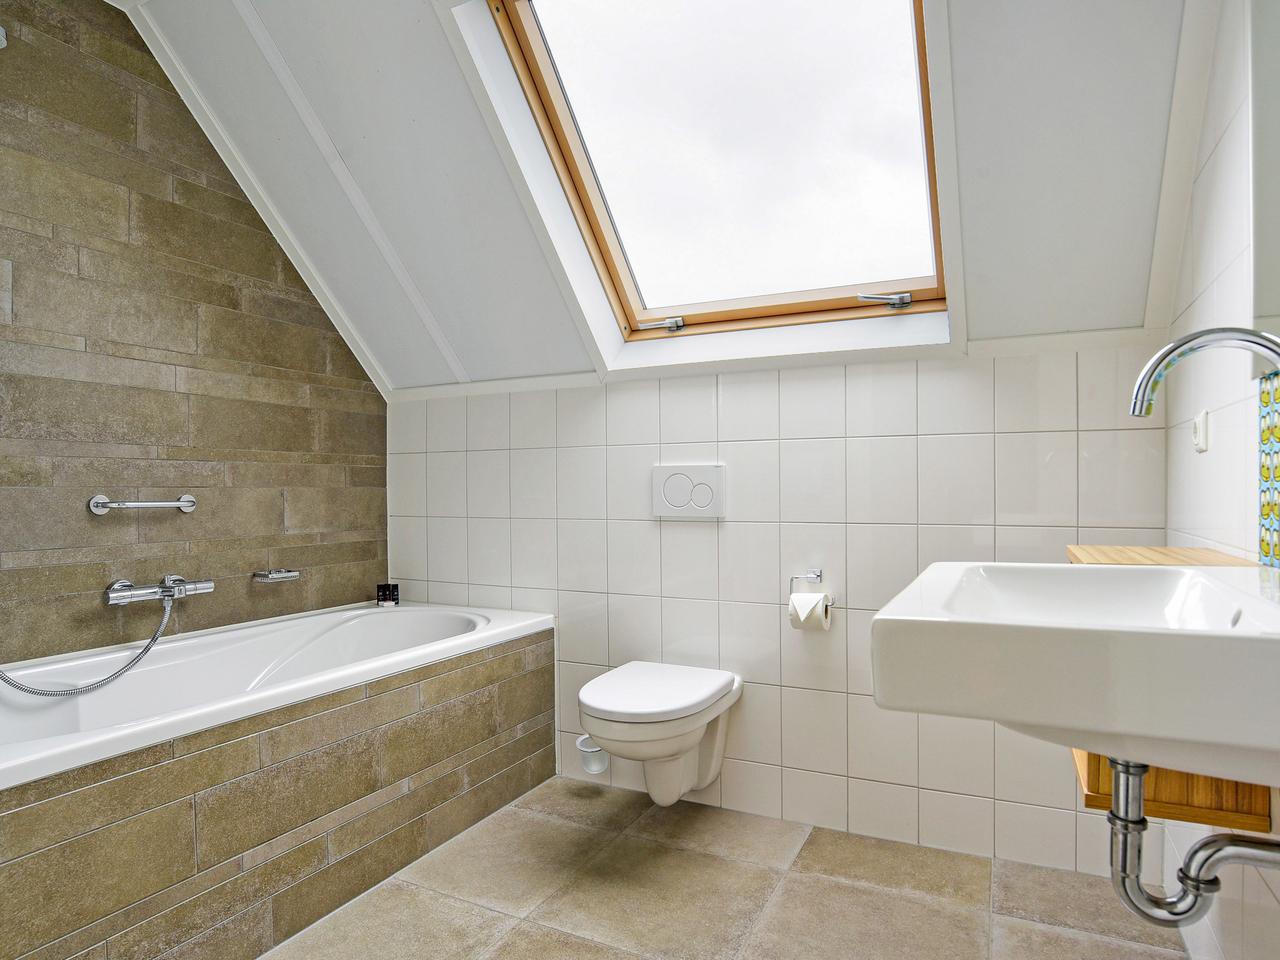 Ferienhaus Komfort 6-Personen-Kinder-Ferienhaus im Ferienpark Landal Strand Resort Nieuwvliet-Bad - a (683560), Nieuwvliet, , Seeland, Niederlande, Bild 6